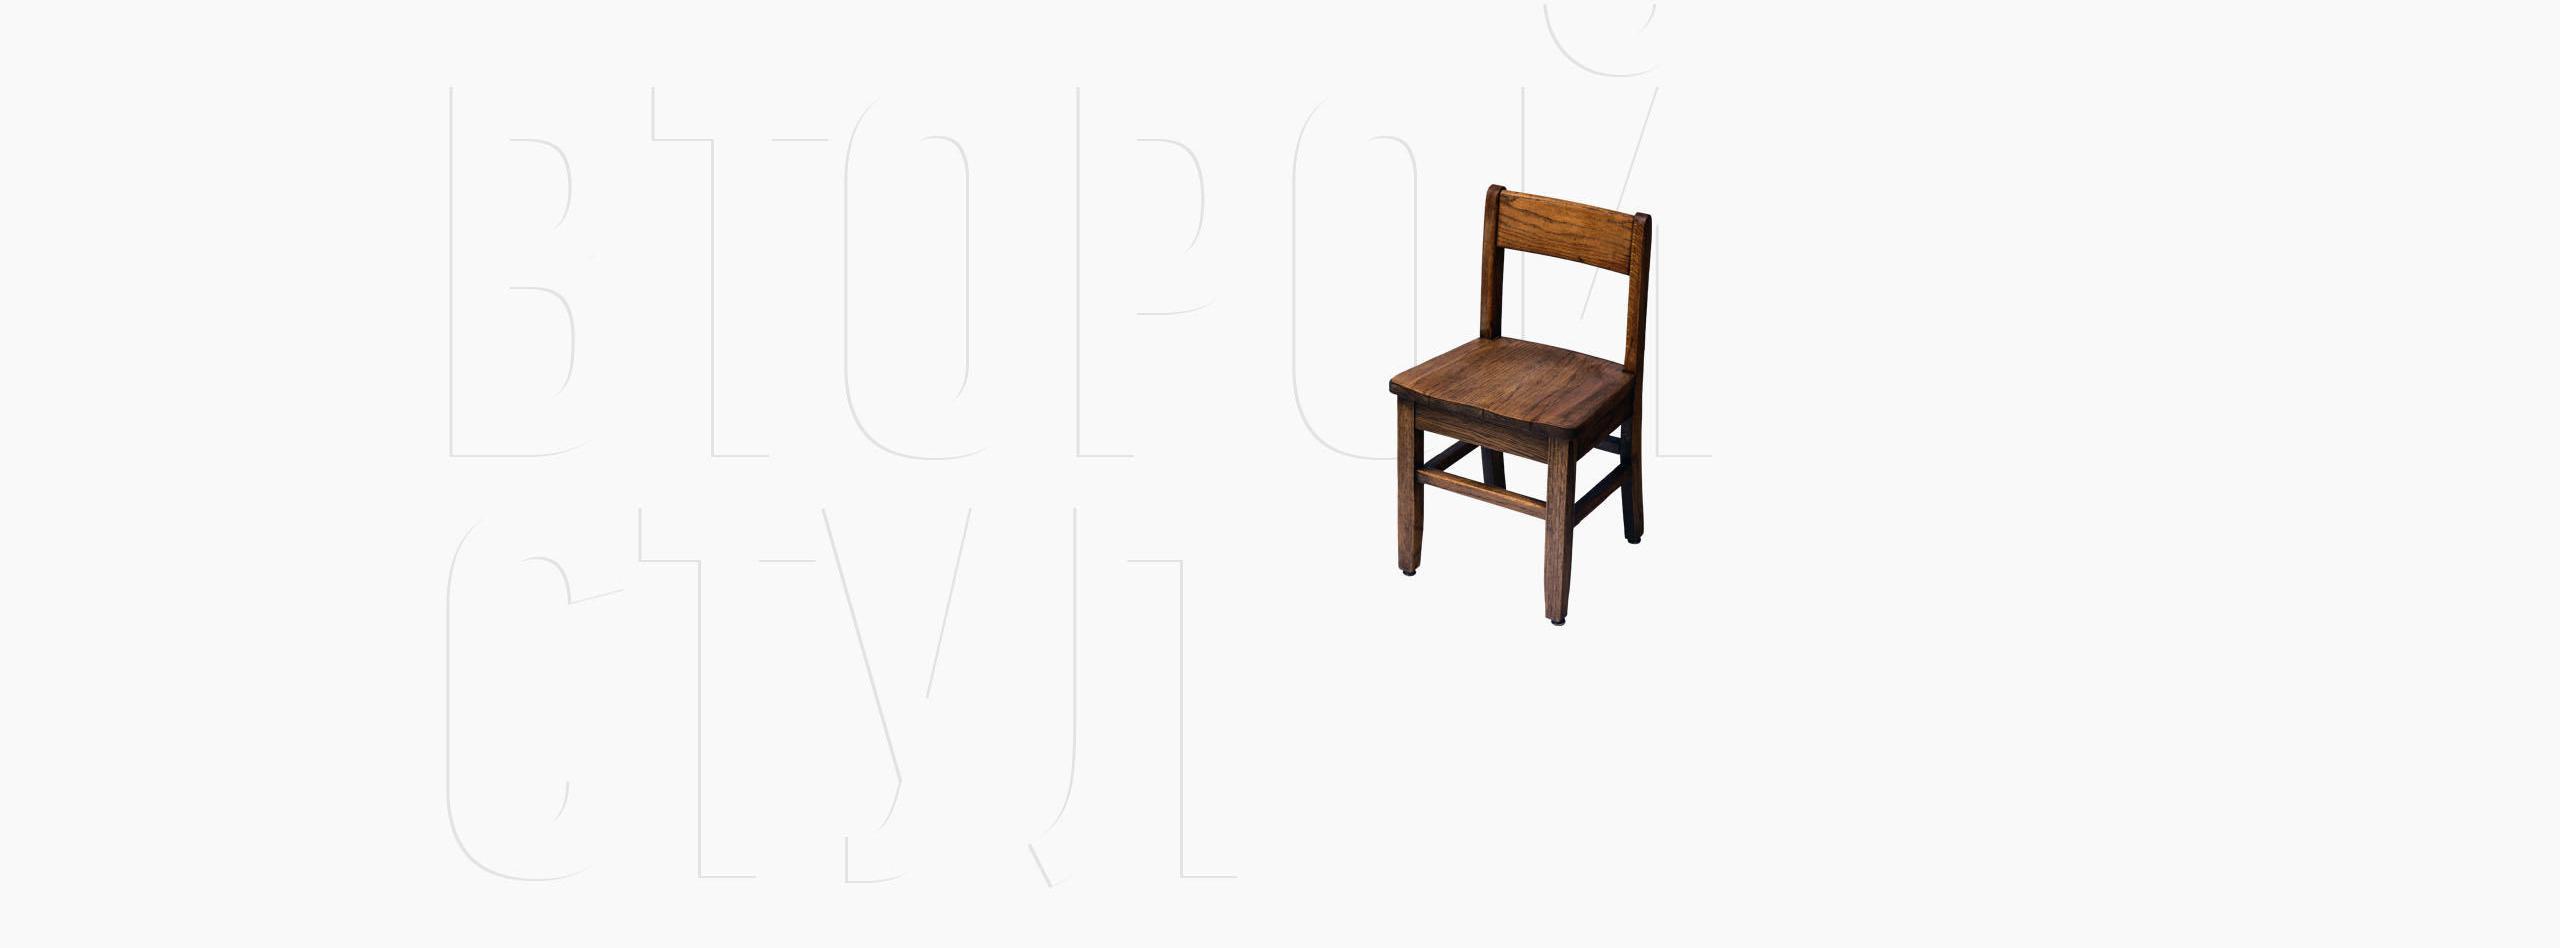 Второй стул, или Компромисс в условиях скукоженного рынка